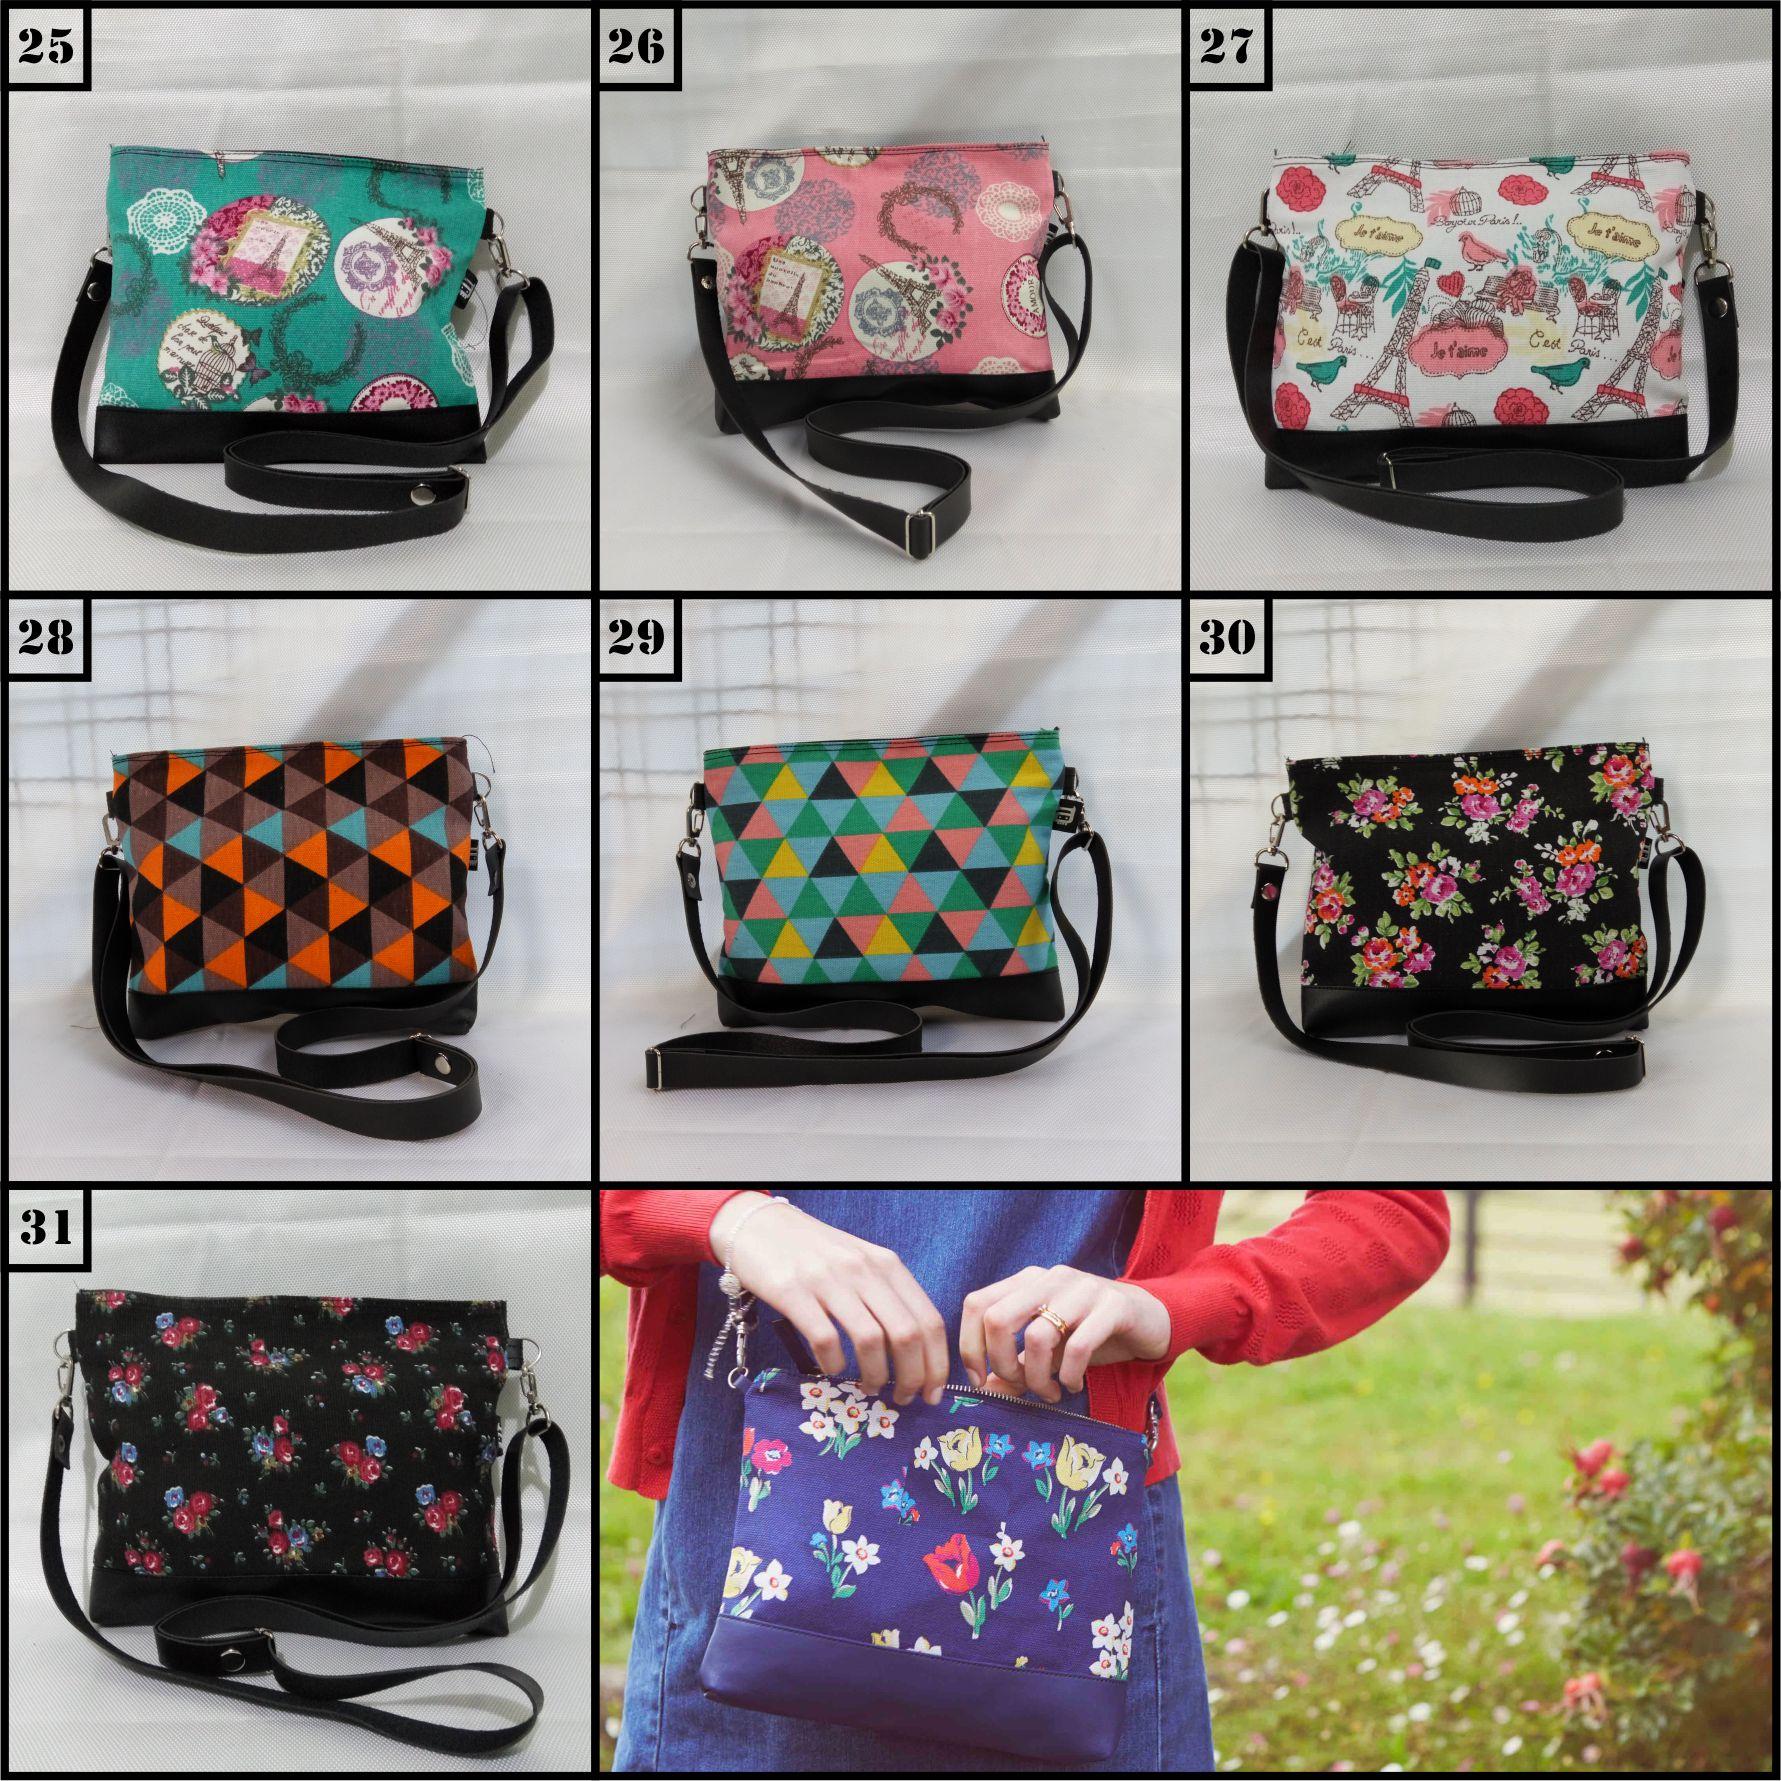 Sling bag tokopedia -  Slingbag Cluth Bag Mini Motif Murah